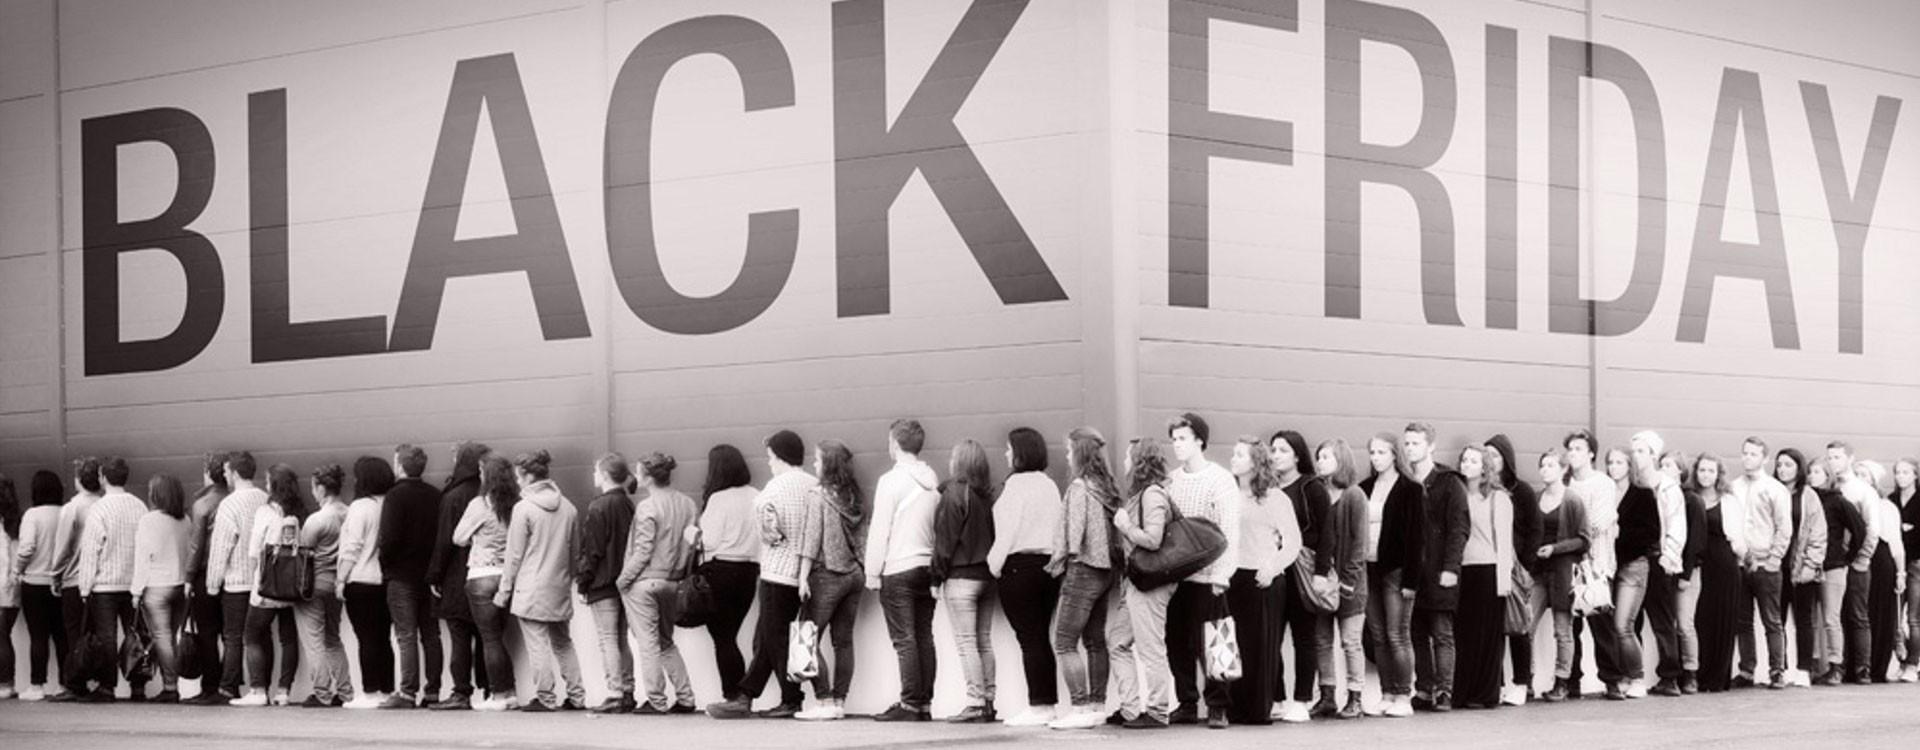 Black Friday Dampfer Deals – Am 23.11.2018 richtig Geld sparen!